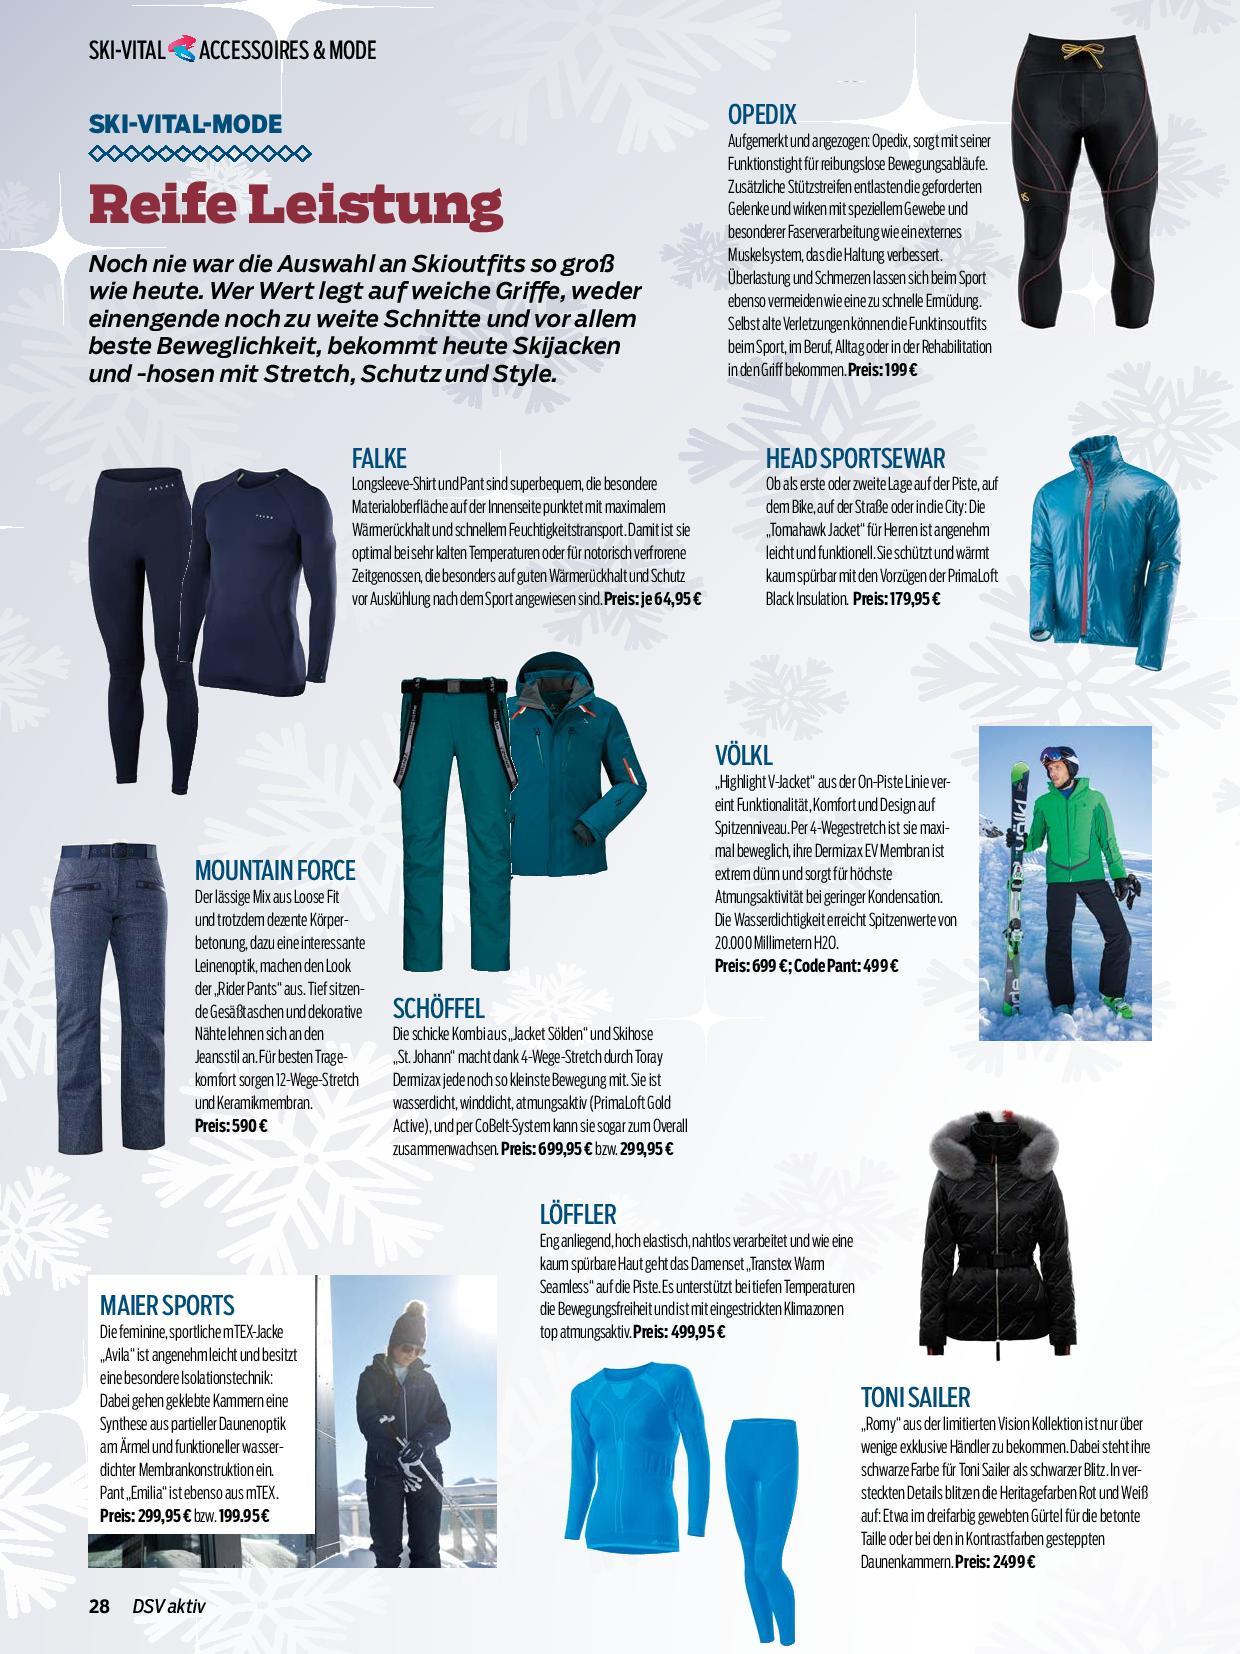 026_028_Senioren_Accessoires_Mode-page-001